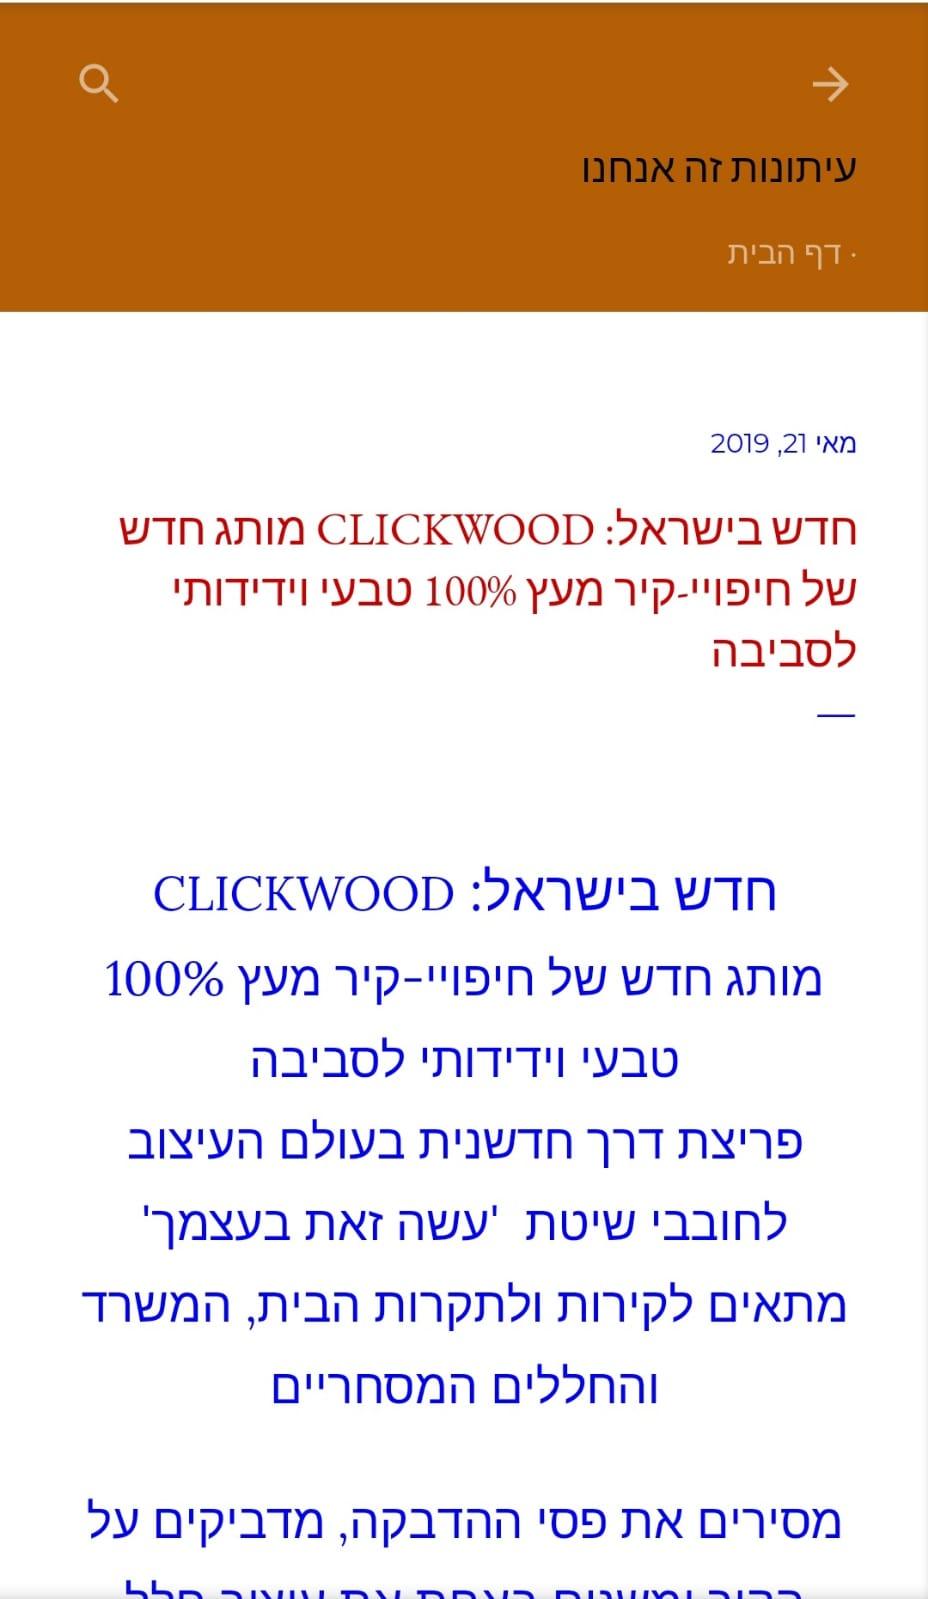 עיתונות זה אנחנו - חדש בישראל: CLICKWOOD מותג חדש של חיפויי-קיר מעץ 100% טבעי וידידותי לסביבה